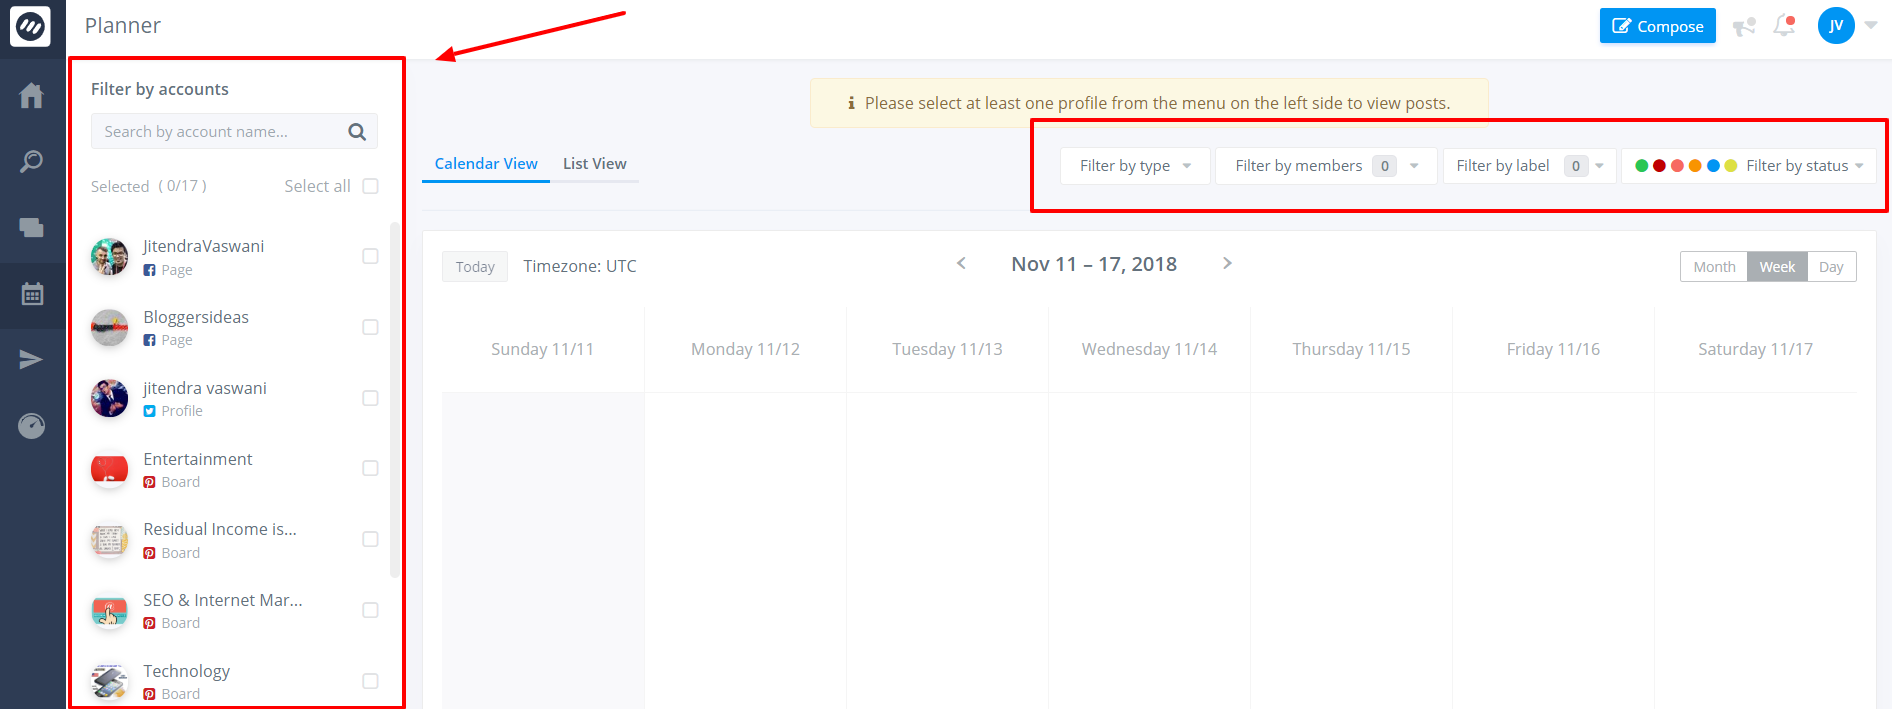 ContentStudio Review- Planner